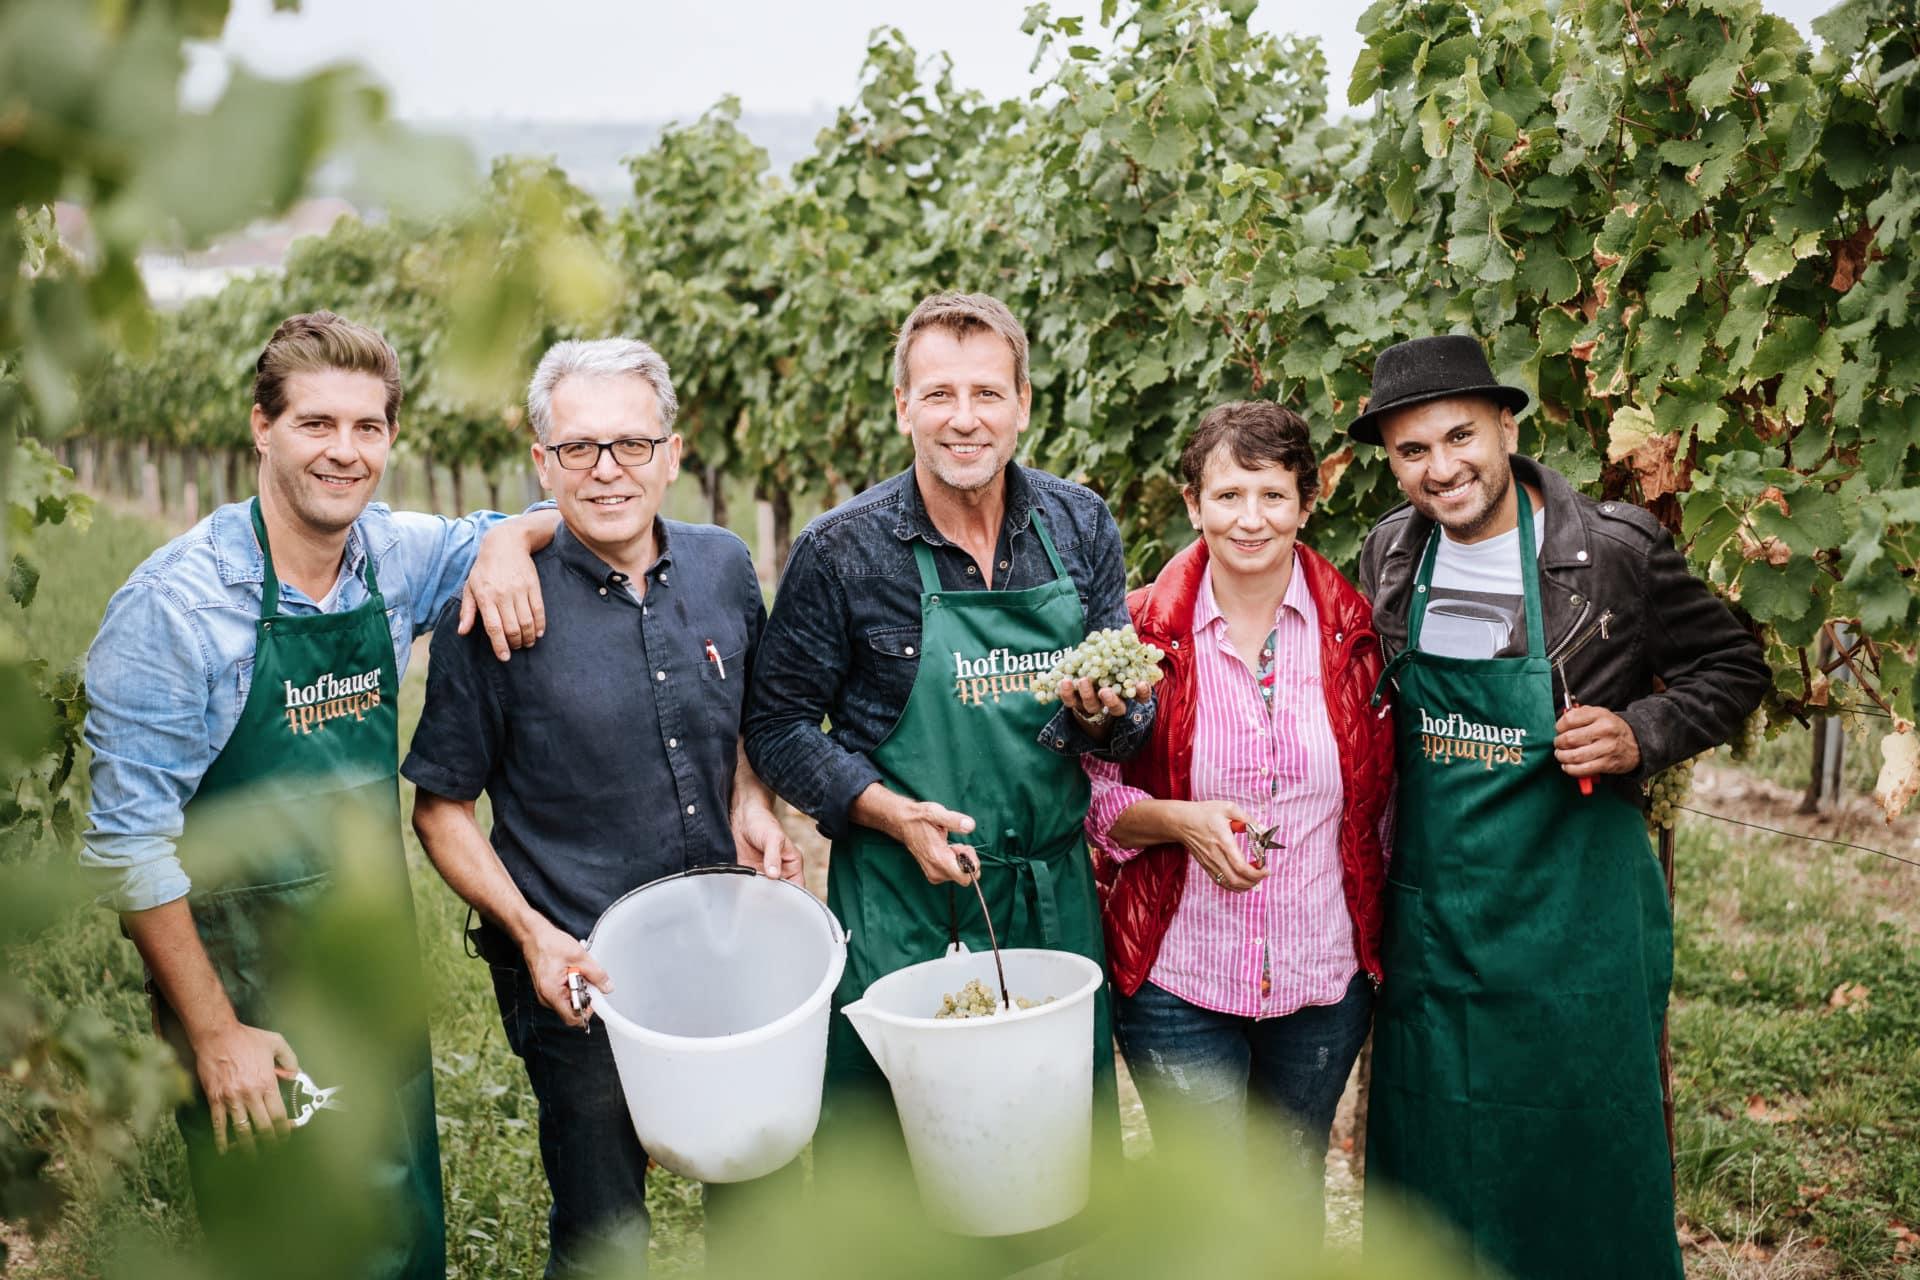 Gruppenfoto bei der Weinlese